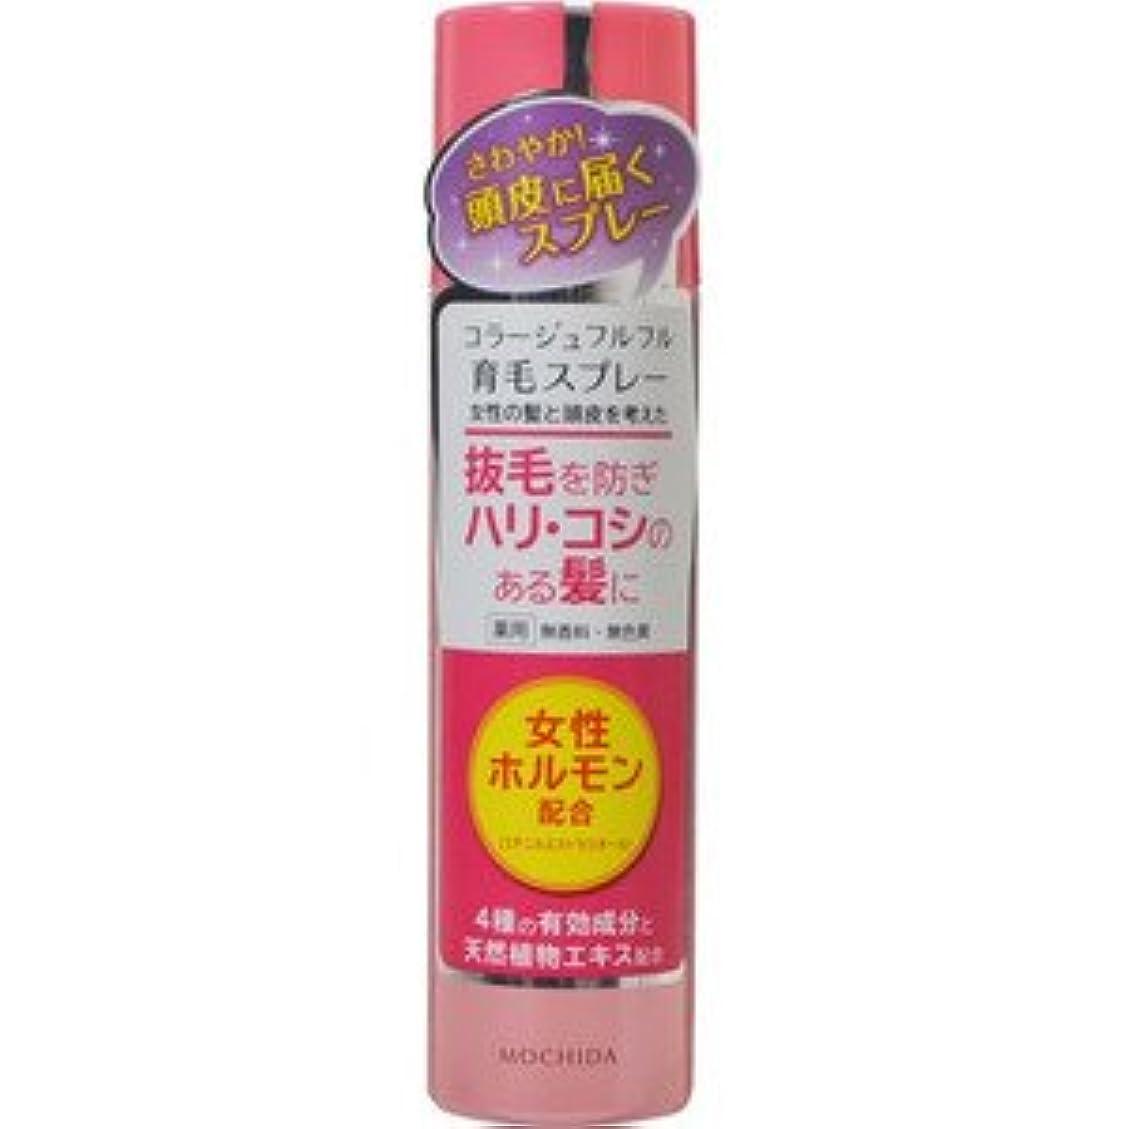 リスク呼吸する王子(持田ヘルスケア)コラージュフルフル 育毛スプレー 150g(医薬部外品)